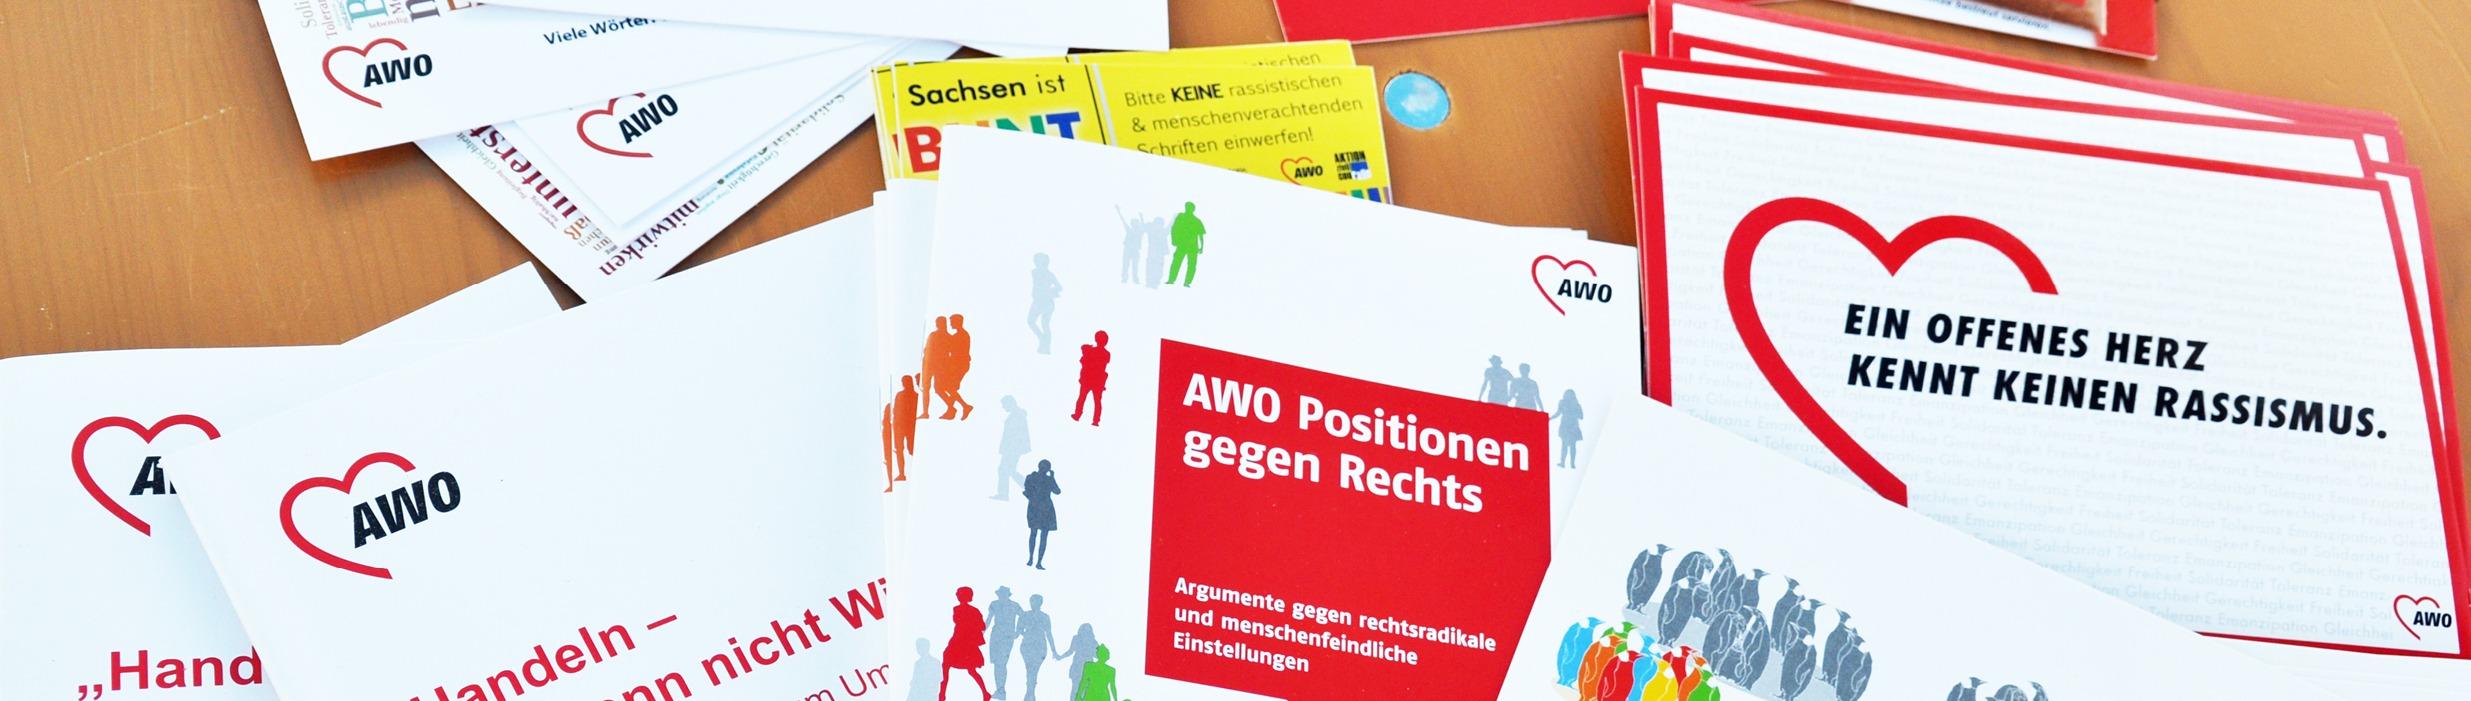 Materilaien der AWO Sachsen die für Demokratie werben